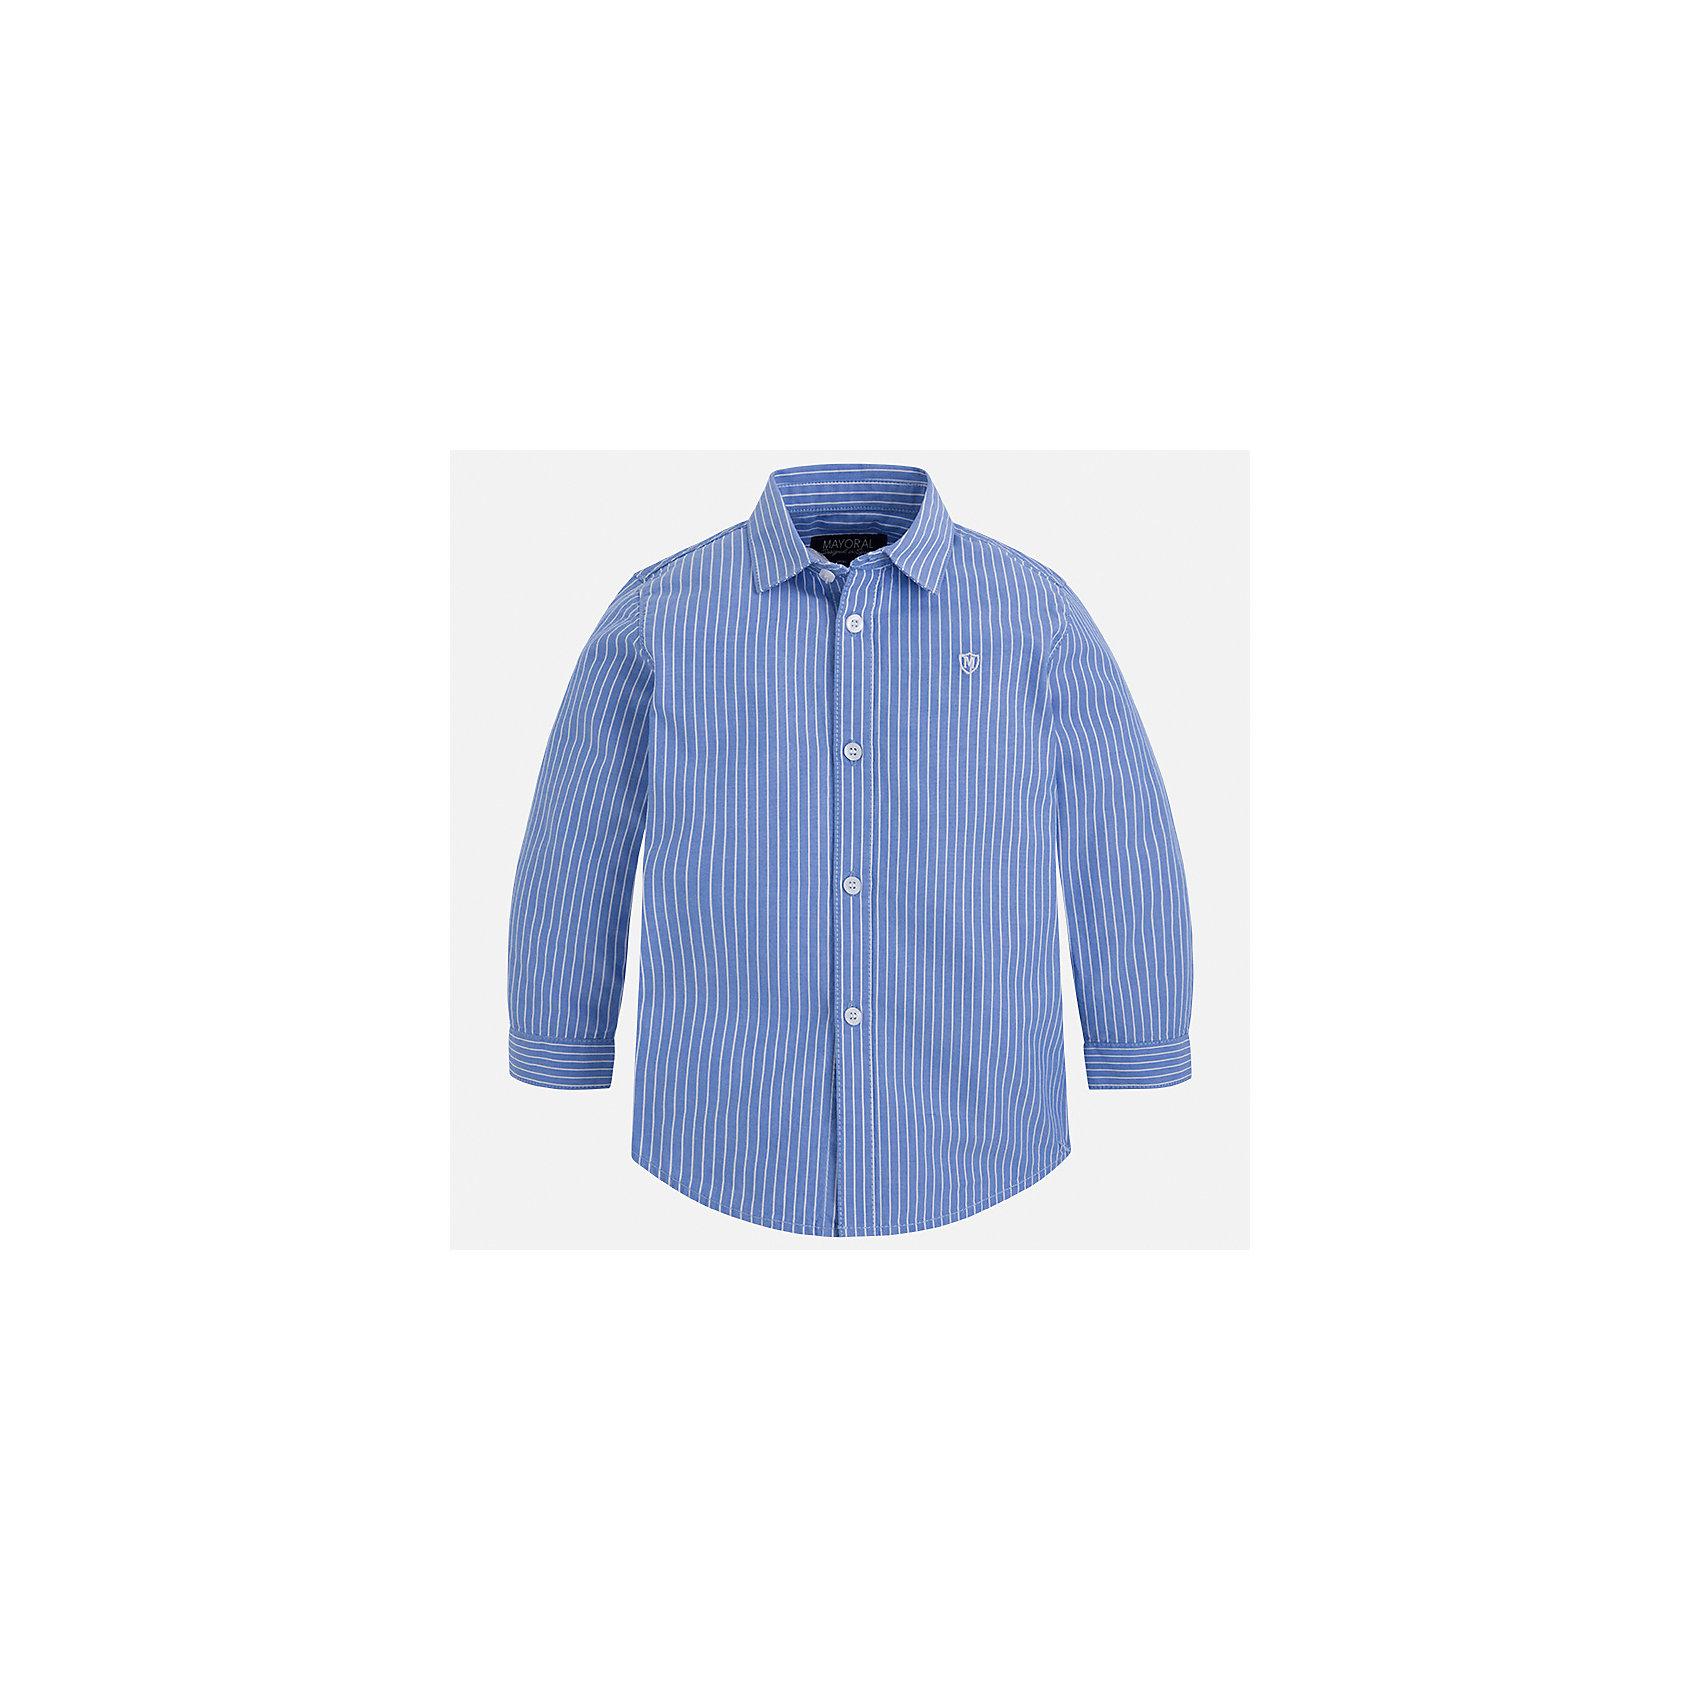 Рубашка Mayoral для мальчикаБлузки и рубашки<br>Характеристики товара:<br><br>• цвет: фиолетовый<br>• состав ткани: 100% хлопок<br>• сезон: демисезон<br>• особенности модели: школьная<br>• застежка: пуговицы<br>• длинные рукава<br>• страна бренда: Испания<br>• страна изготовитель: Индия<br><br>Хлопковая детская рубашка сделана из дышащего приятного на ощупь материала. Благодаря продуманному крою детской рубашки создаются комфортные условия для тела. Рубашка с длинным рукавом для мальчика отличается стильным продуманным дизайном.<br><br>Рубашку для мальчика Mayoral (Майорал) можно купить в нашем интернет-магазине.<br><br>Ширина мм: 174<br>Глубина мм: 10<br>Высота мм: 169<br>Вес г: 157<br>Цвет: лиловый<br>Возраст от месяцев: 96<br>Возраст до месяцев: 108<br>Пол: Мужской<br>Возраст: Детский<br>Размер: 134,98,104,110,116,122,128<br>SKU: 6934156